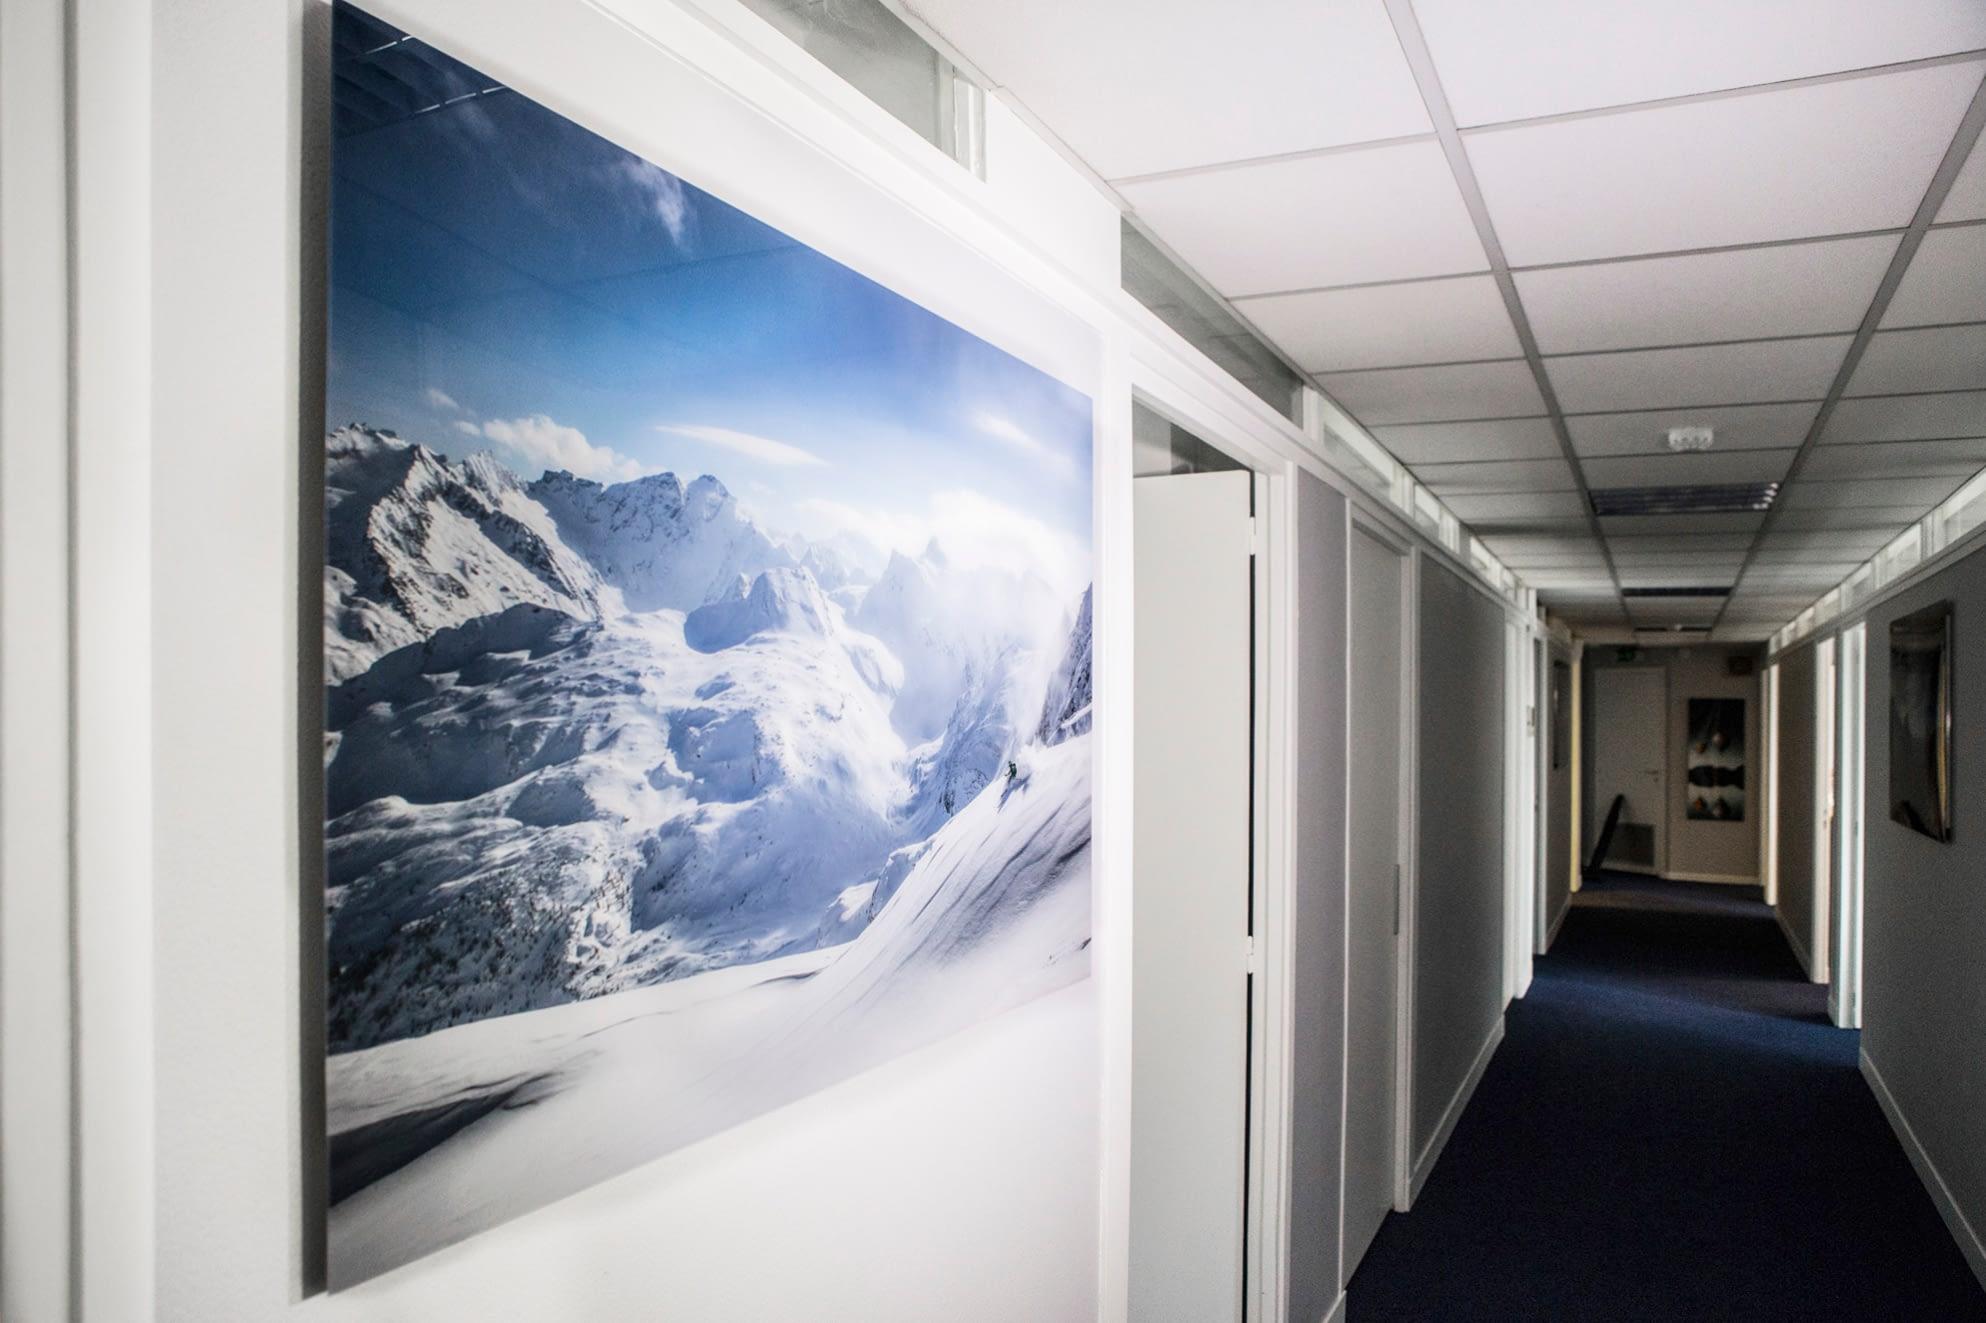 Vente et installation de photographies d'art Pixopolitan pour Servyr Assurance